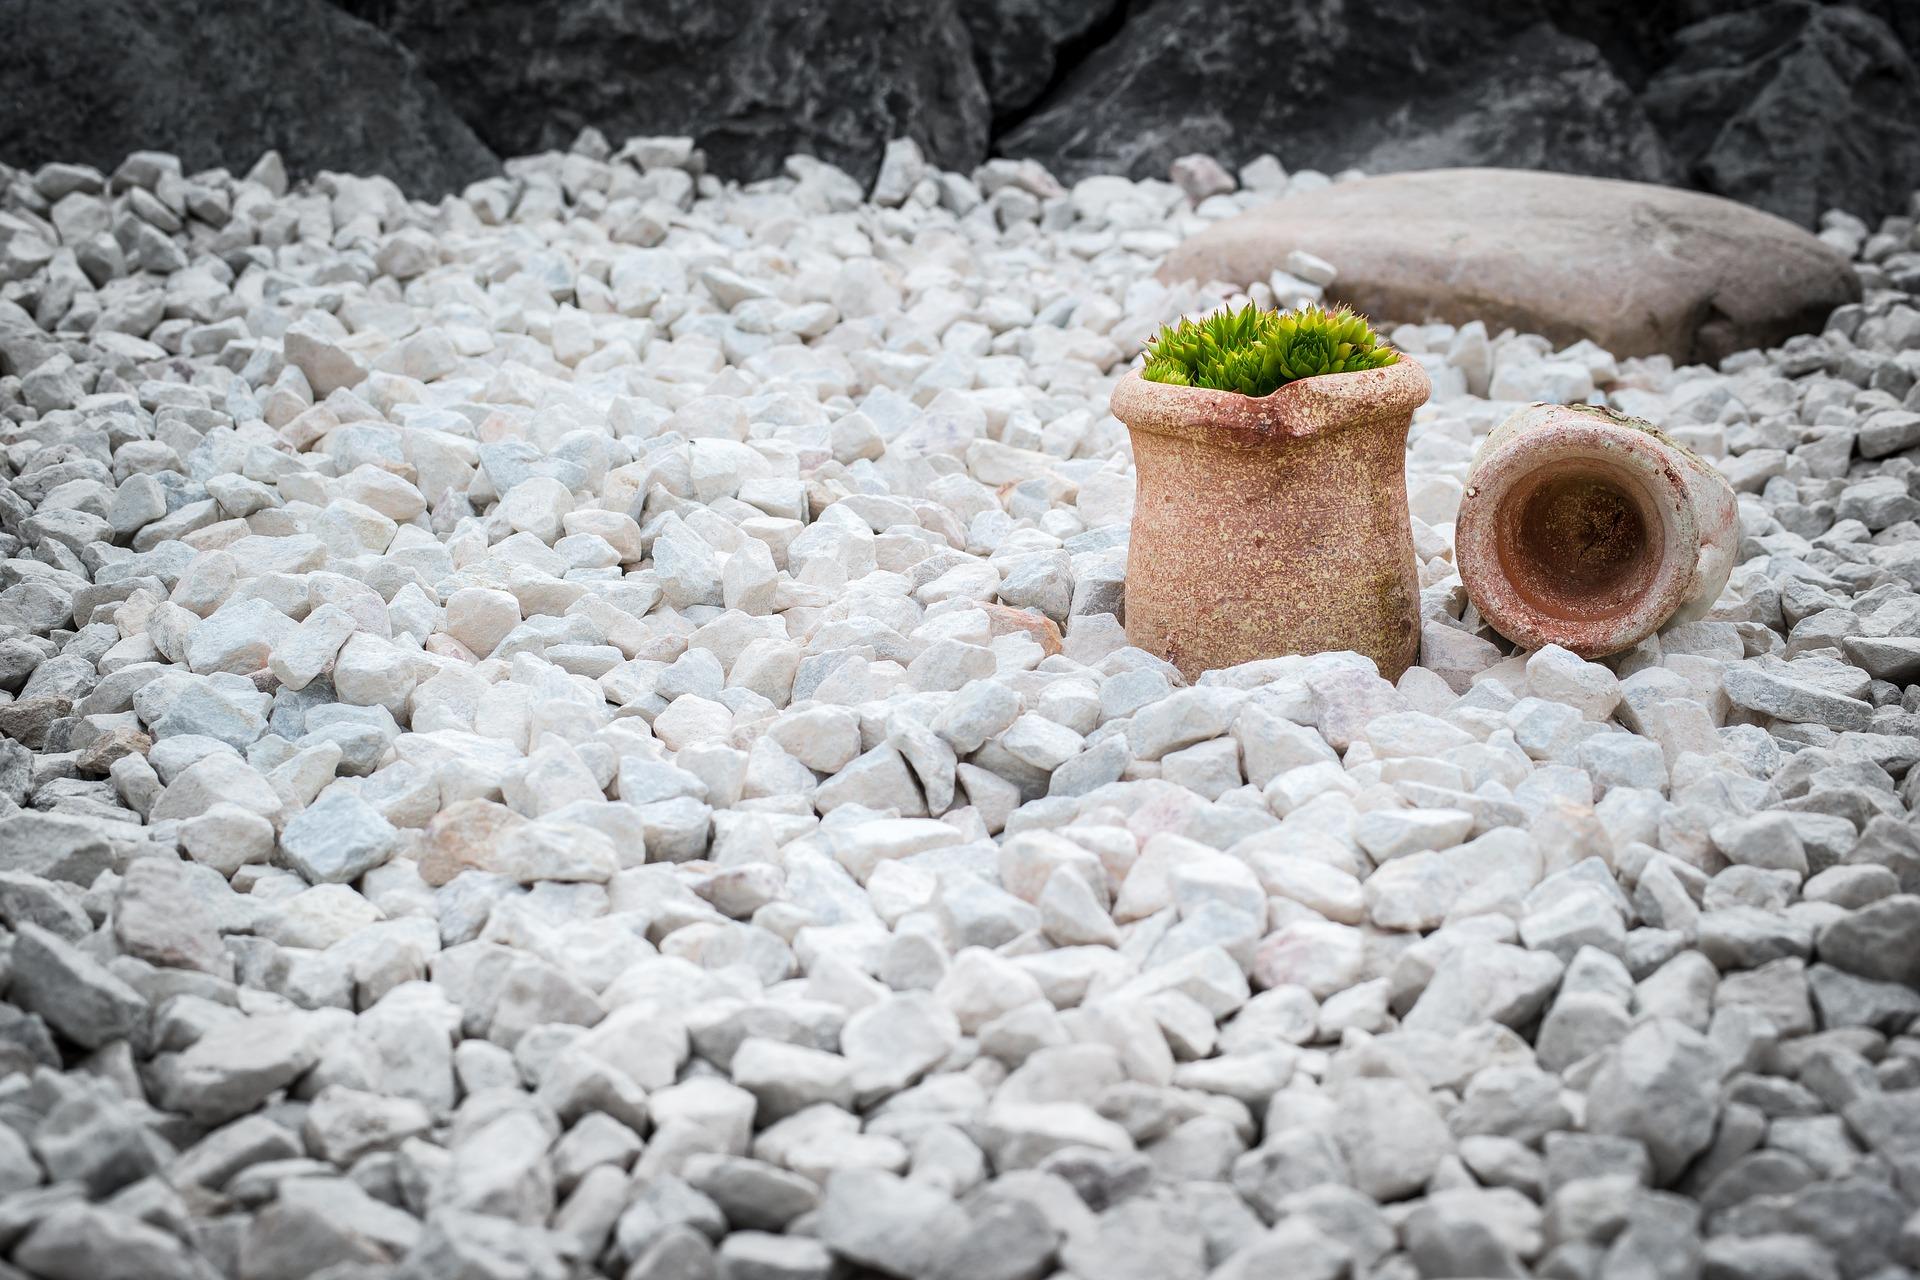 Wybór kamieni ozdobnych